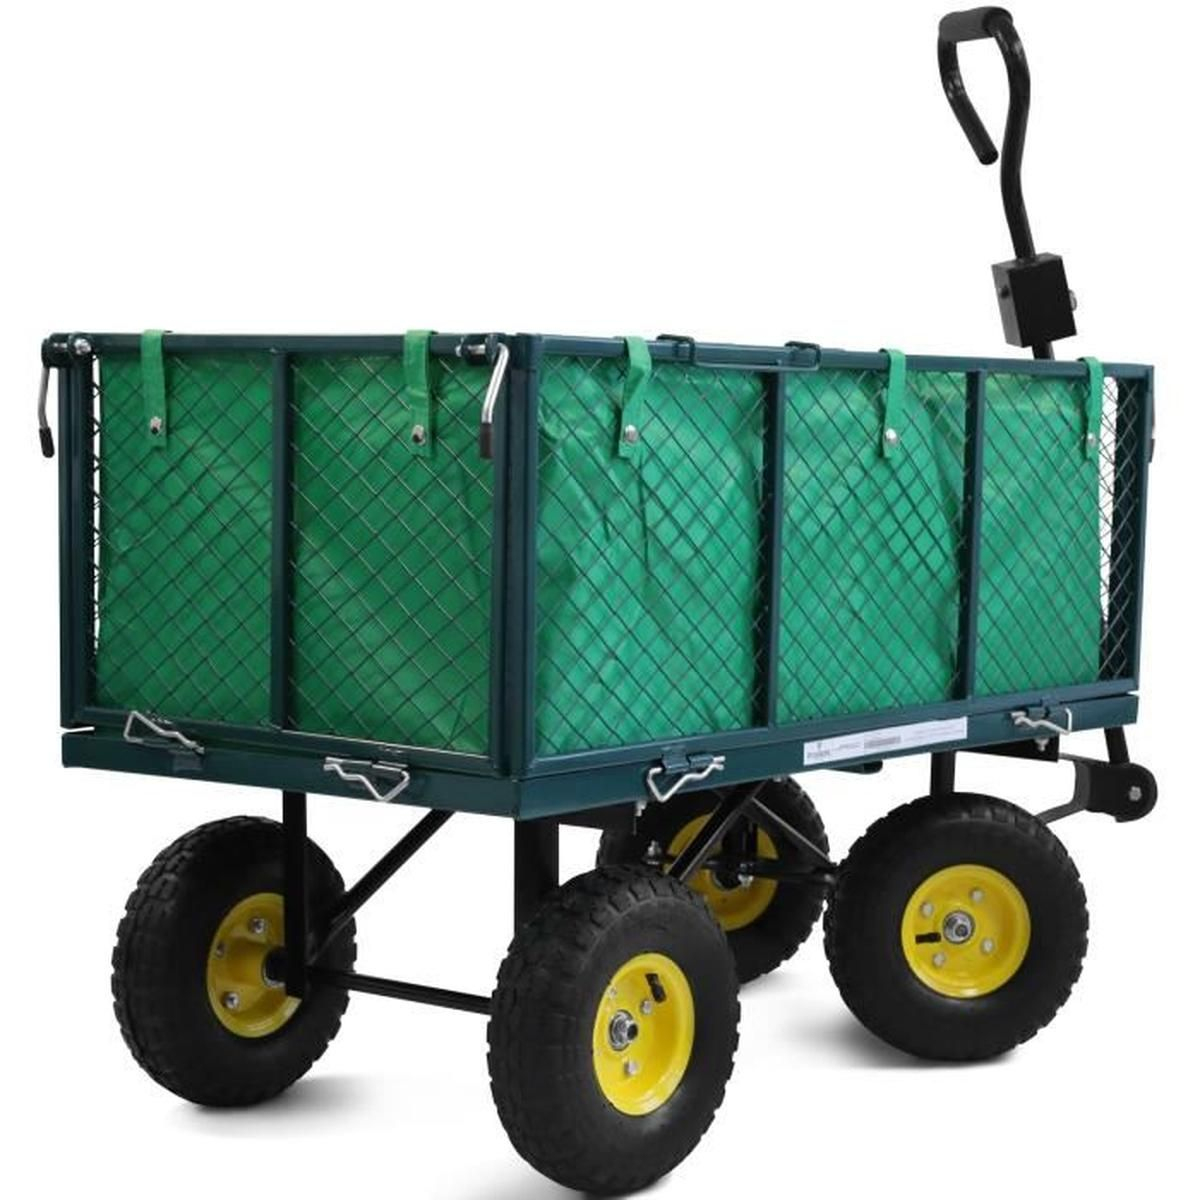 Chariot De Jardin Transport Charrette Remorque À Main Charge ... avec Chariot De Jardin Multi Usage